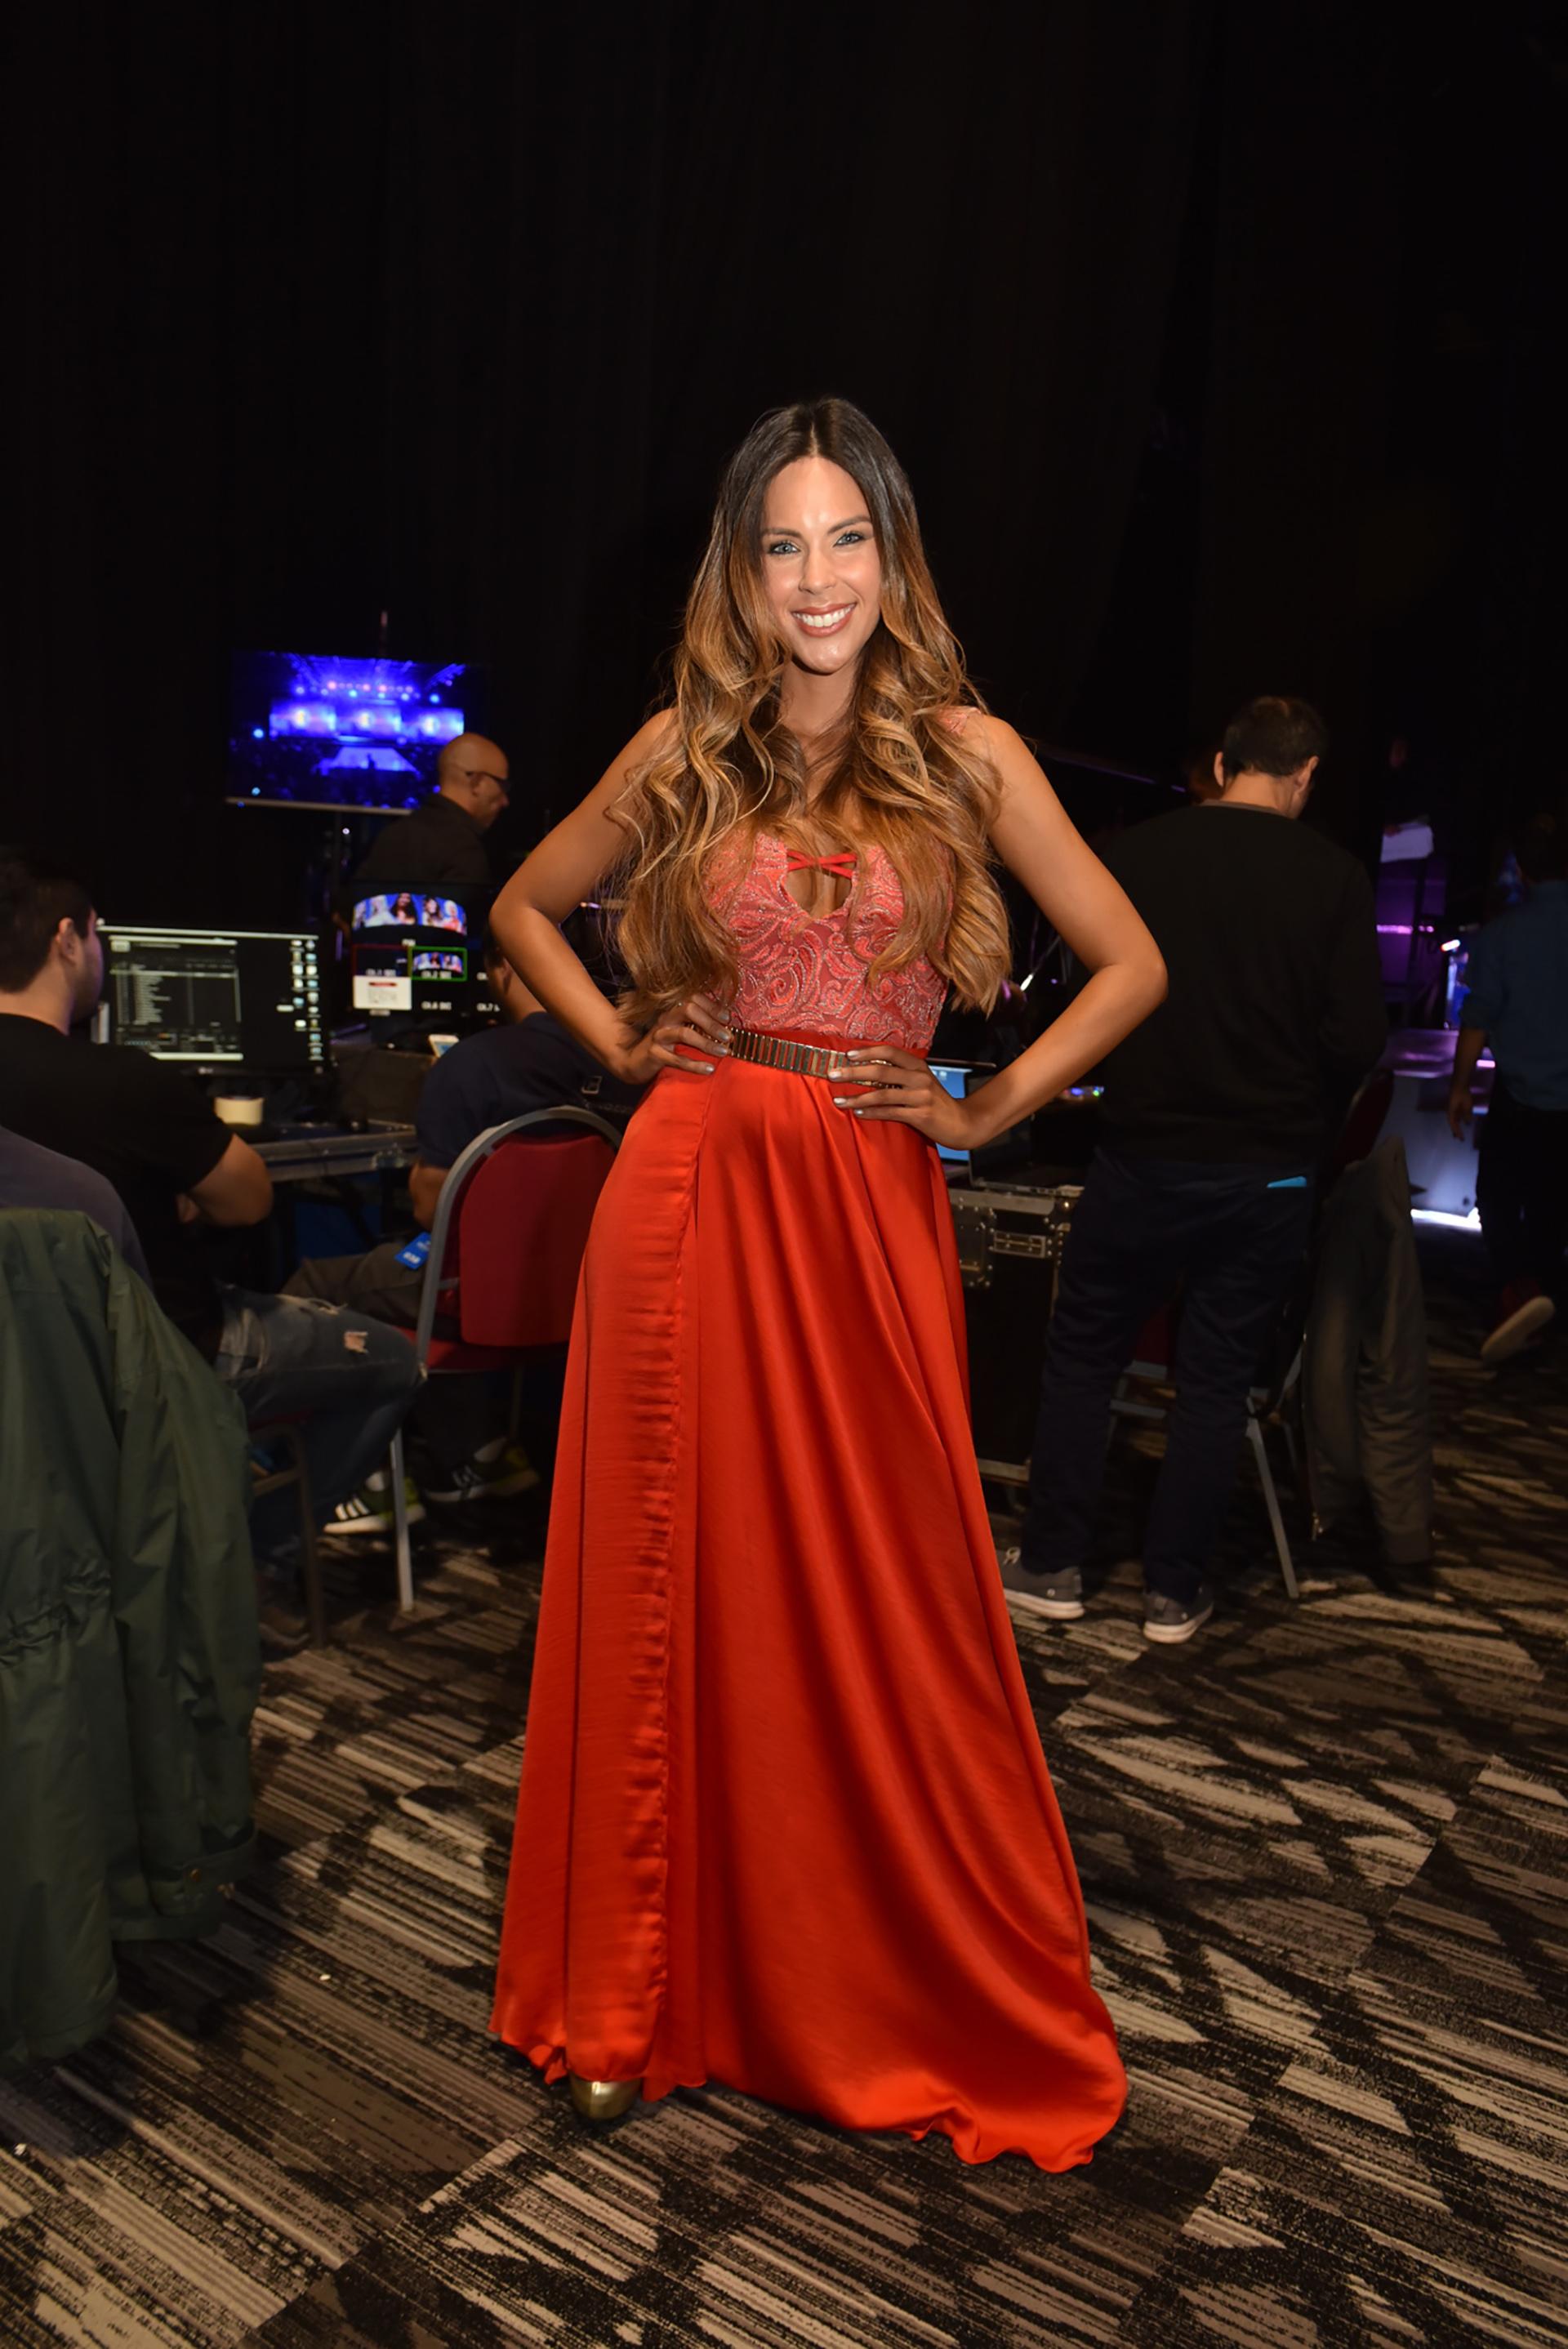 La modelo y bailarina Barby Franco estuvo en el backstage del desfile de Silkey luciendo un vestido colorado con mix de géneros: satén y encaje con detalle de cinturón metálico en composé con su calzado